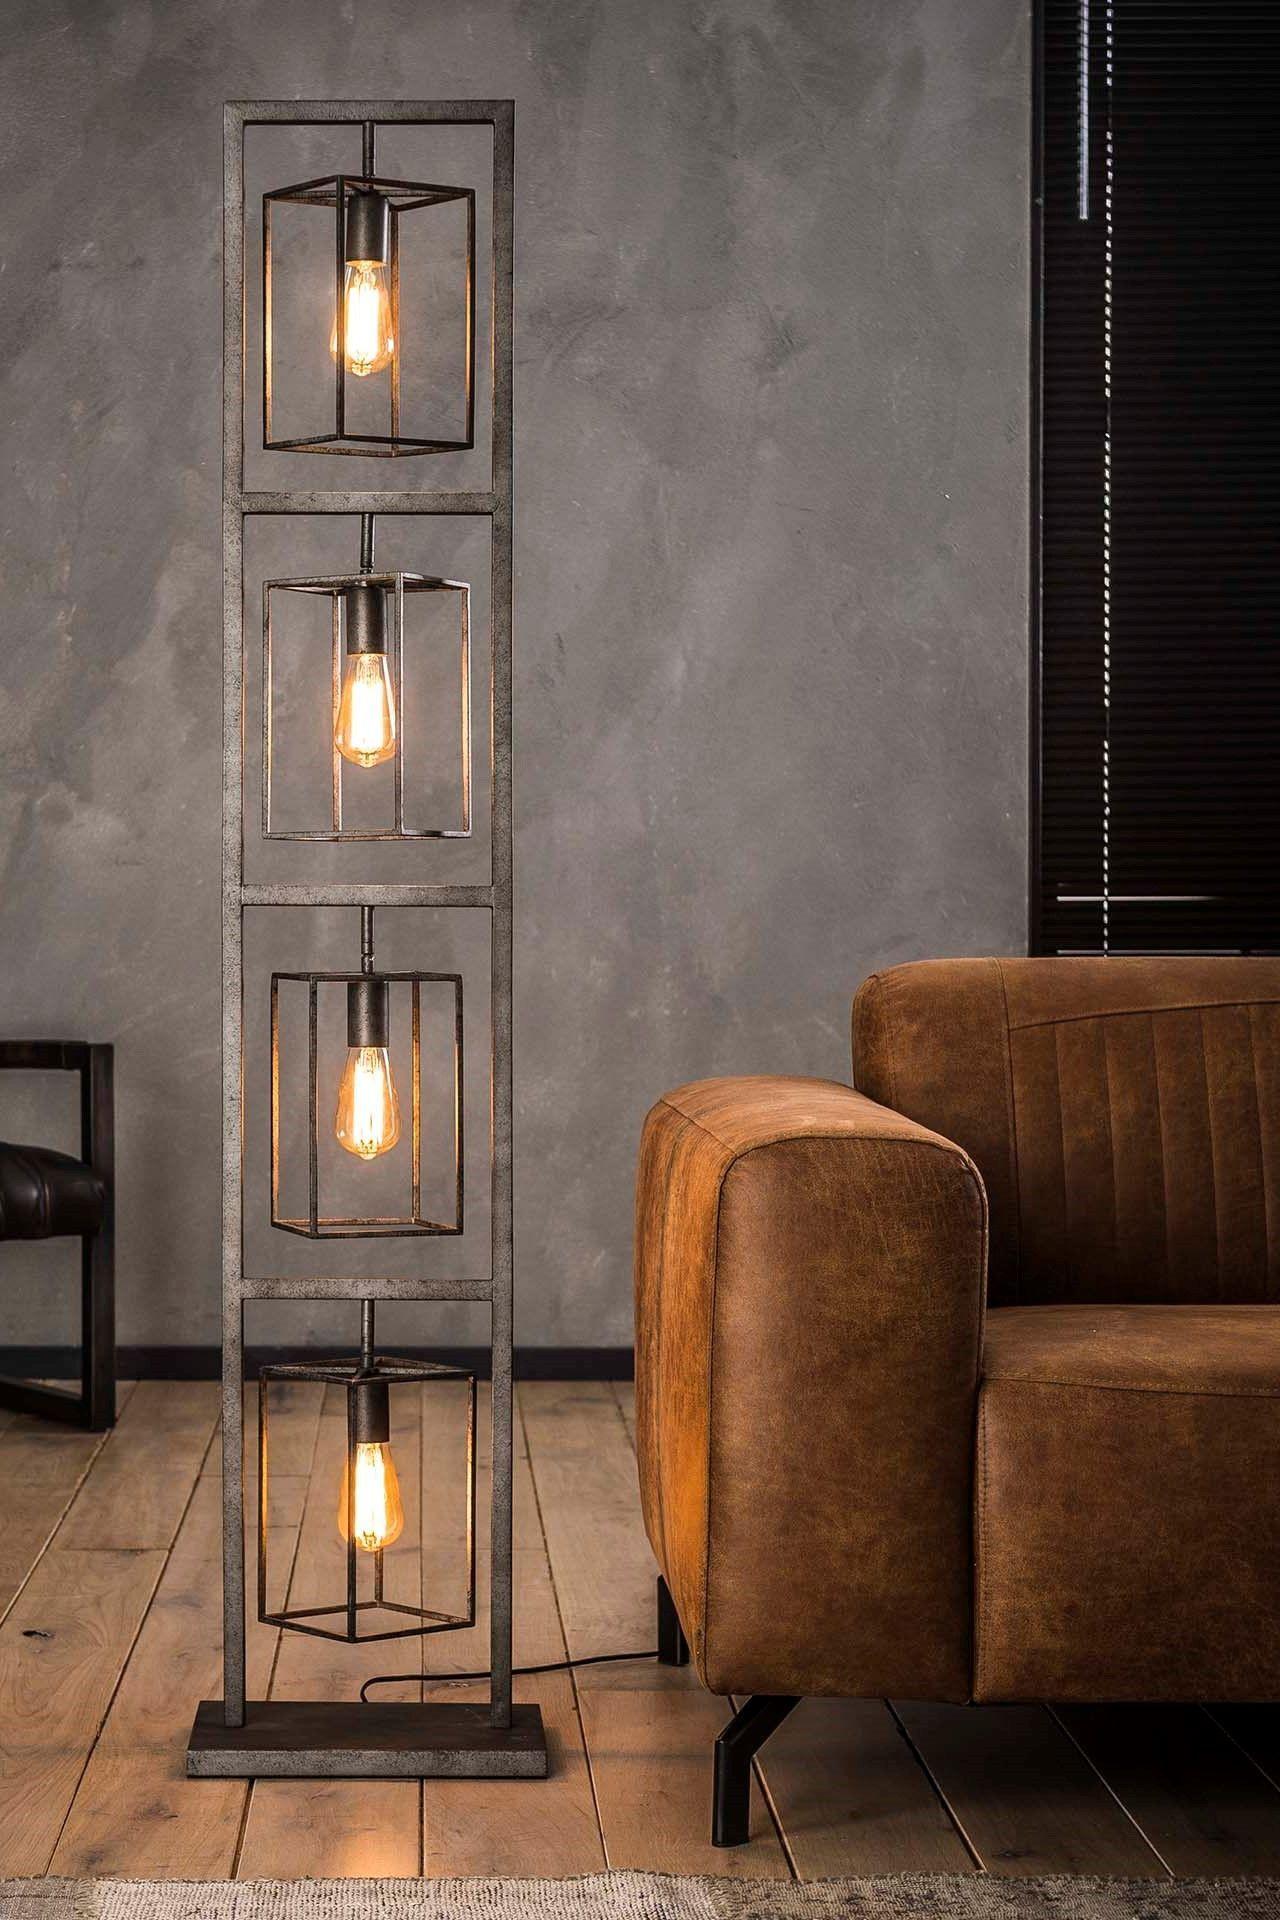 wohnaura #lampen #design  Stehlampe wohnzimmer, Stehlampe